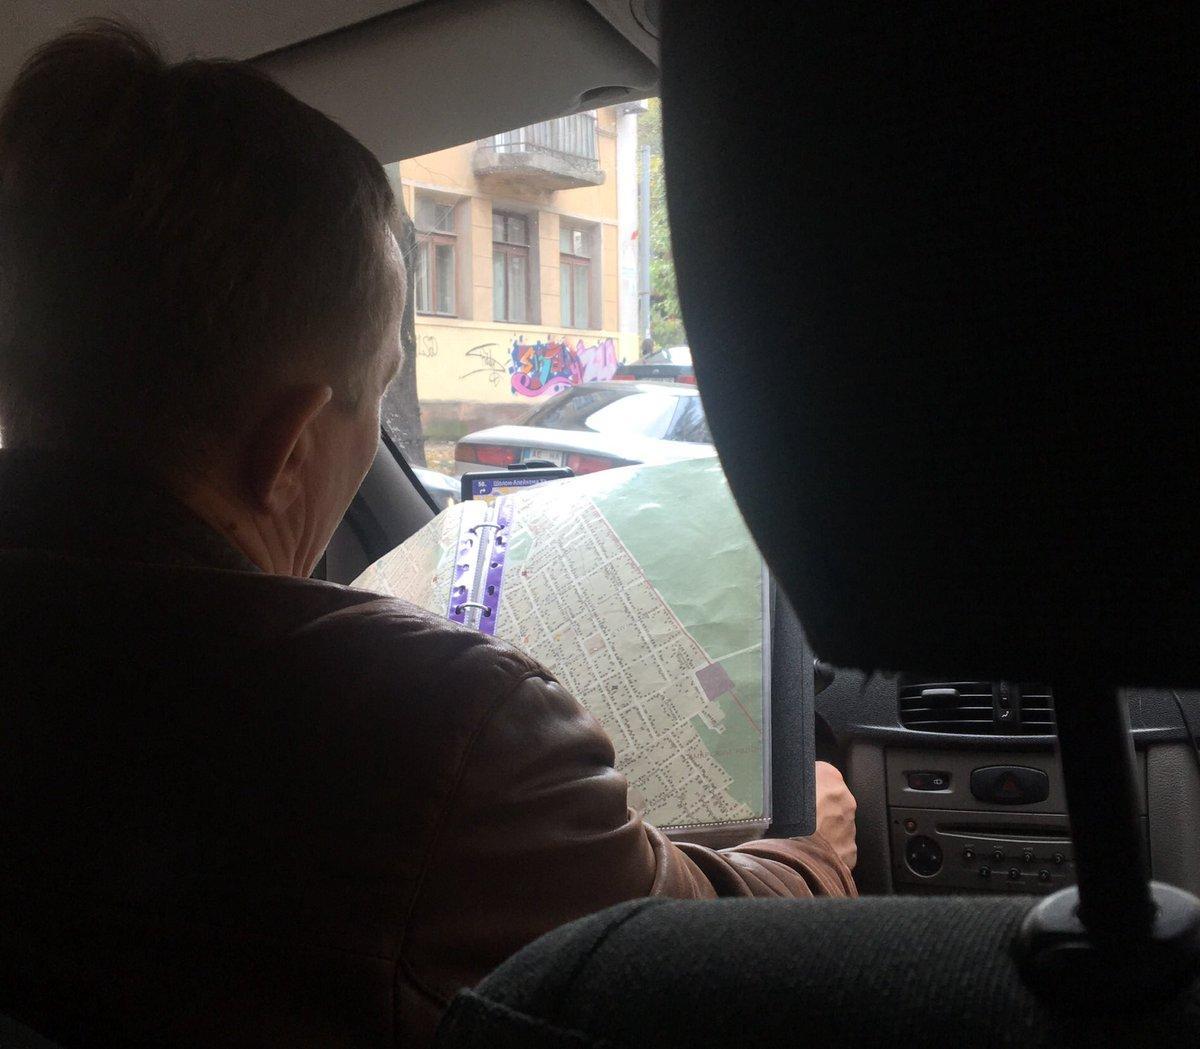 Таксист с офлайновыми картами вызвал восторженные отклики пользователей соцсетей